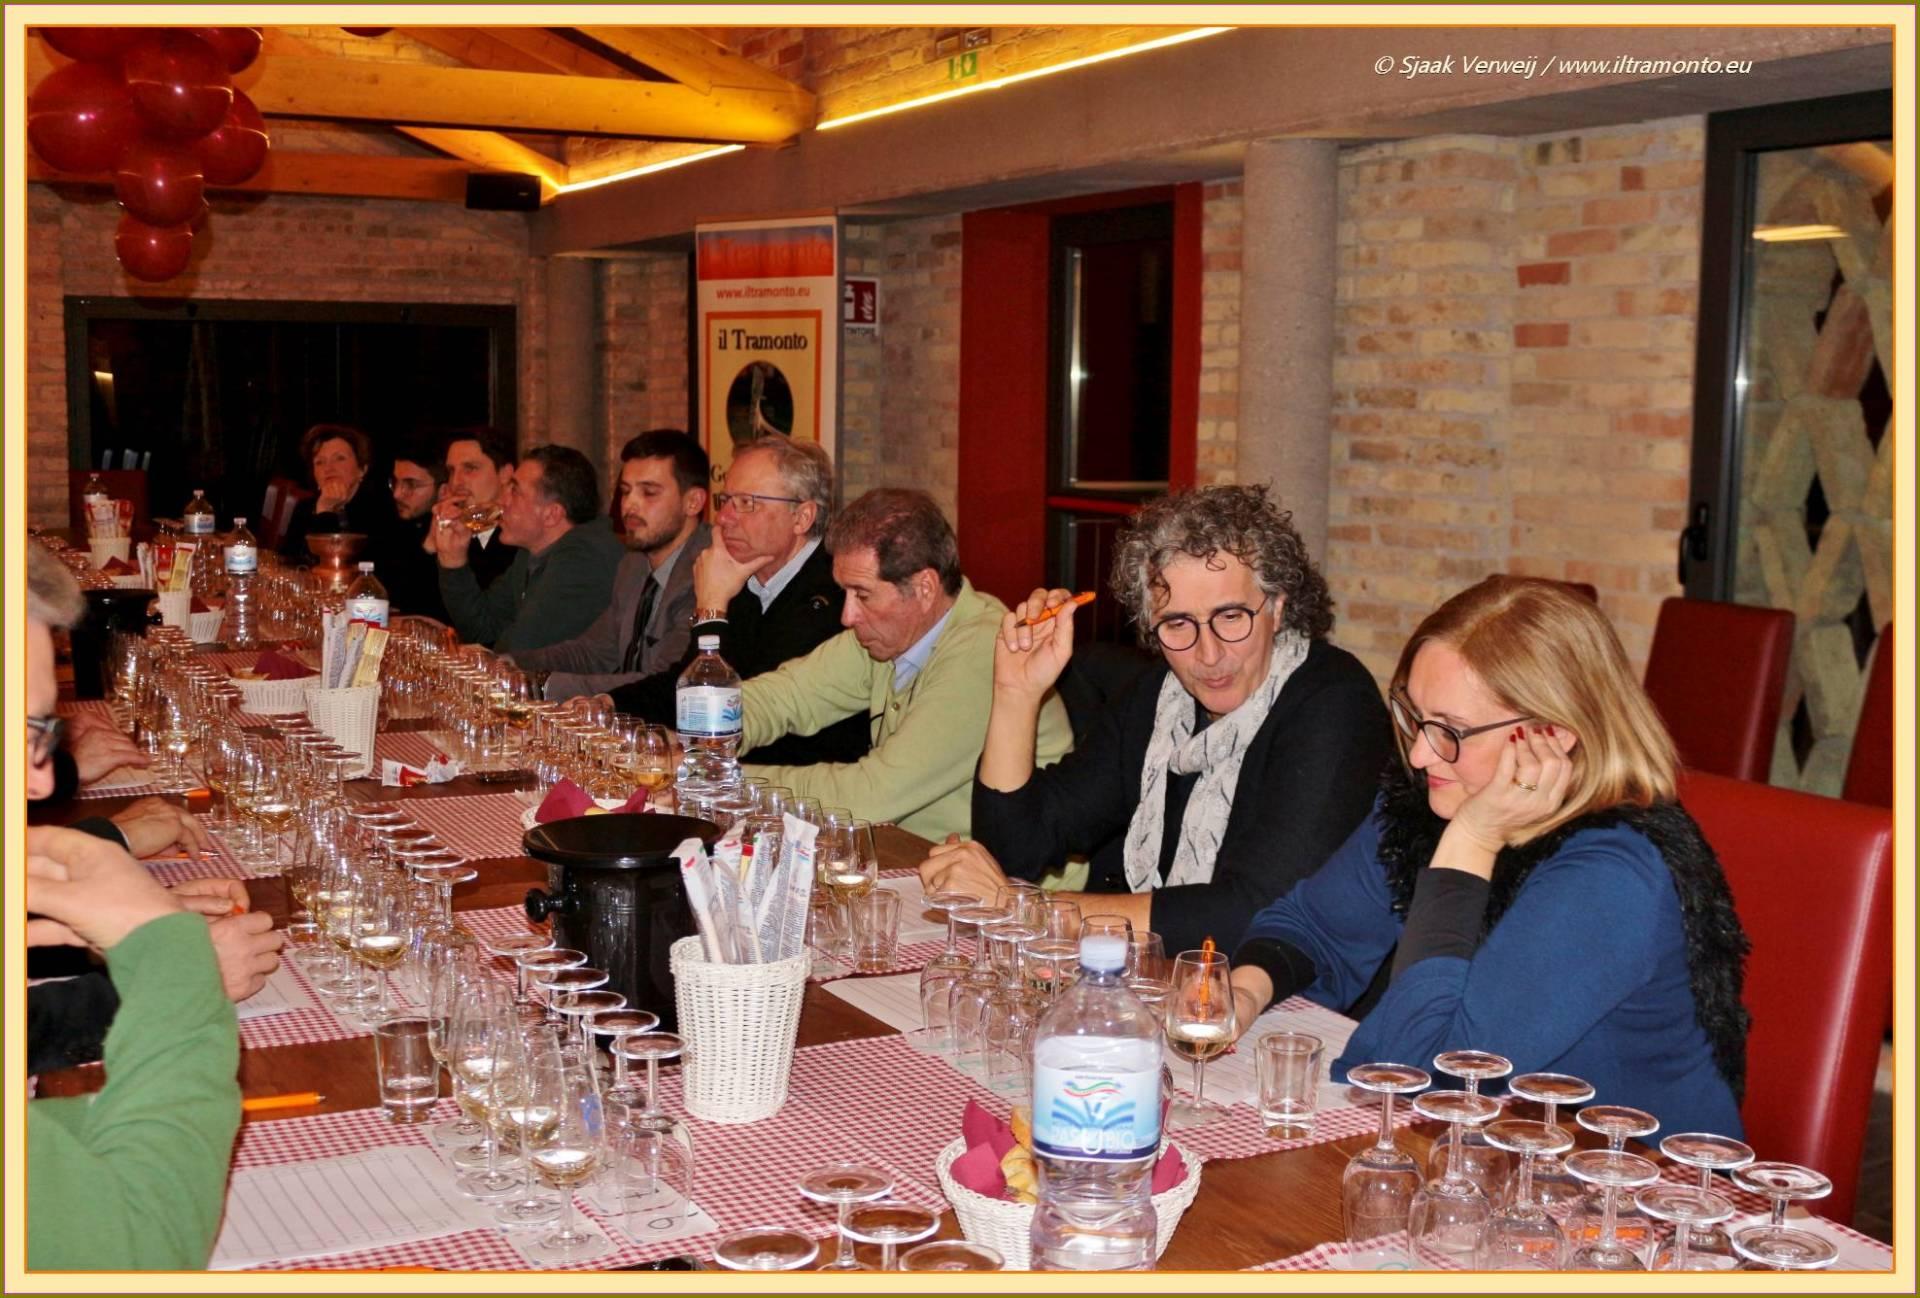 rgs_7549_il-tramonto-wines